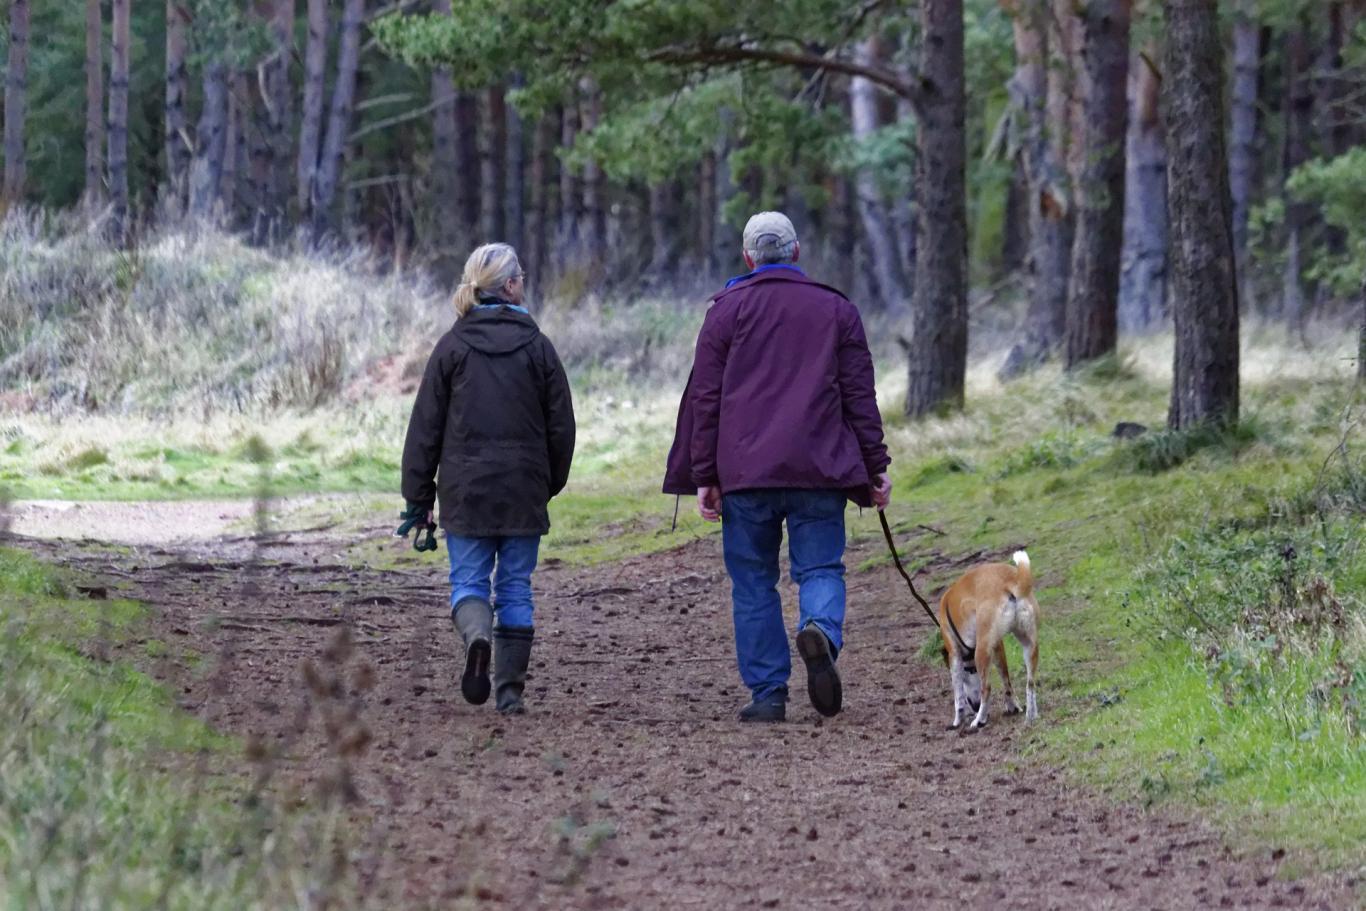 Paseo con perro sujeto con correa